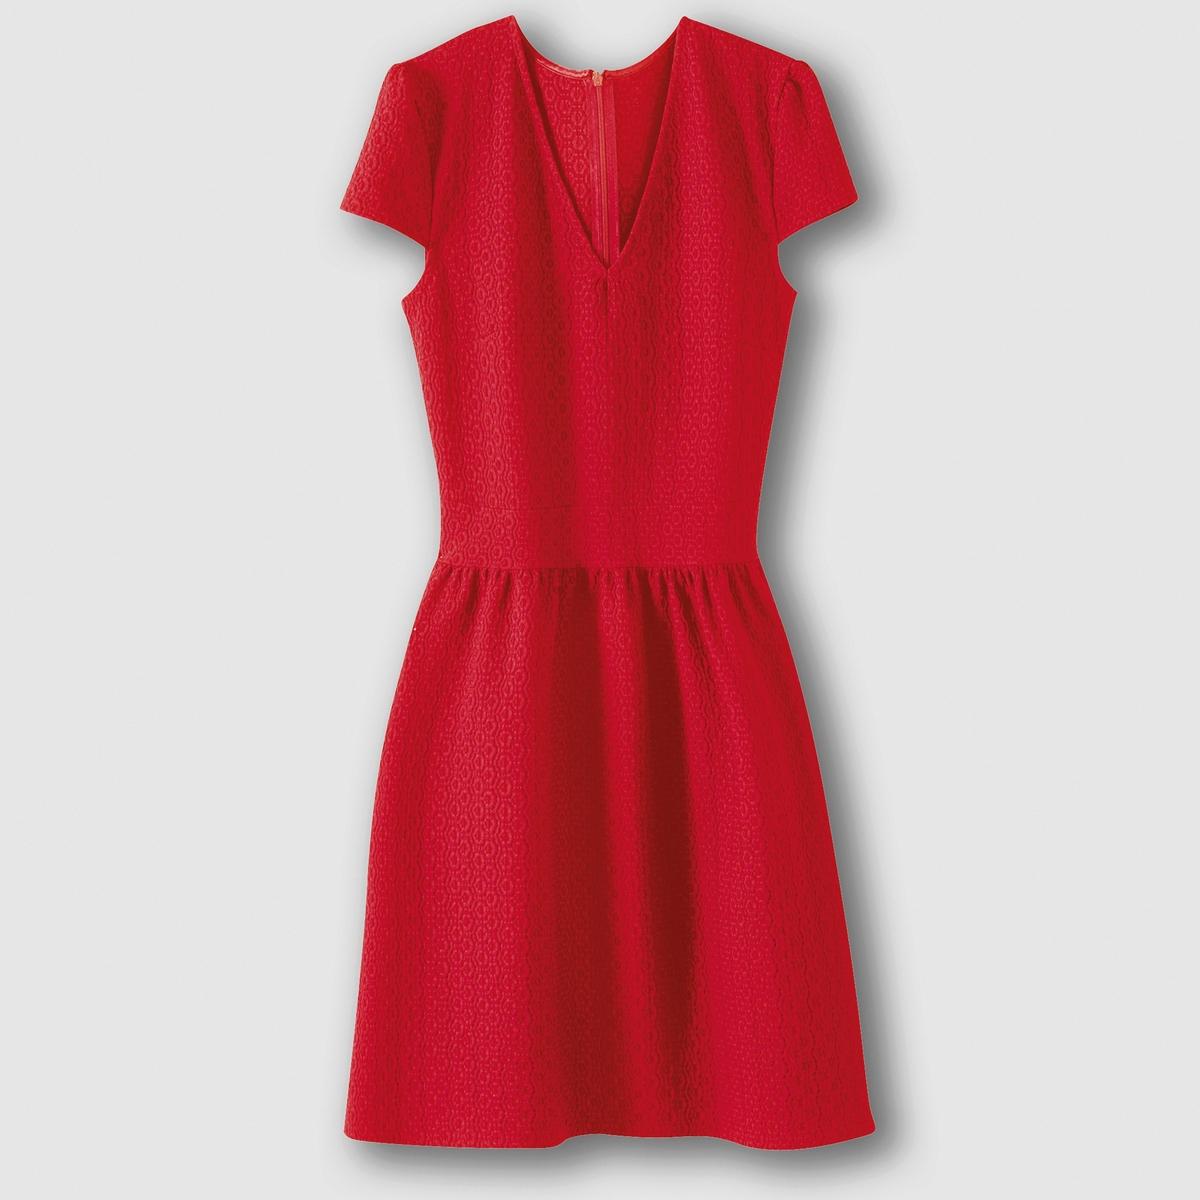 Платье жаккардовоеЖаккардовое платье с геометрическим структурным рисунком в тон. Короткие рукава. V-образный вырез спереди. Отрезное по талии, подчеркнуто складками. Потайная застежка на молнию сзади. Состав и описание Материал : 51% вискозы, 46% полиэстера, 3% эластанаДлина : 90 смУходМашинная стирка при 30 °C с вещами схожих цветовСтирать и гладить с изнаночной стороны Машинная сушка в умеренном режиме Гладить при низкой температуре<br><br>Цвет: красный<br>Размер: 42 (FR) - 48 (RUS)